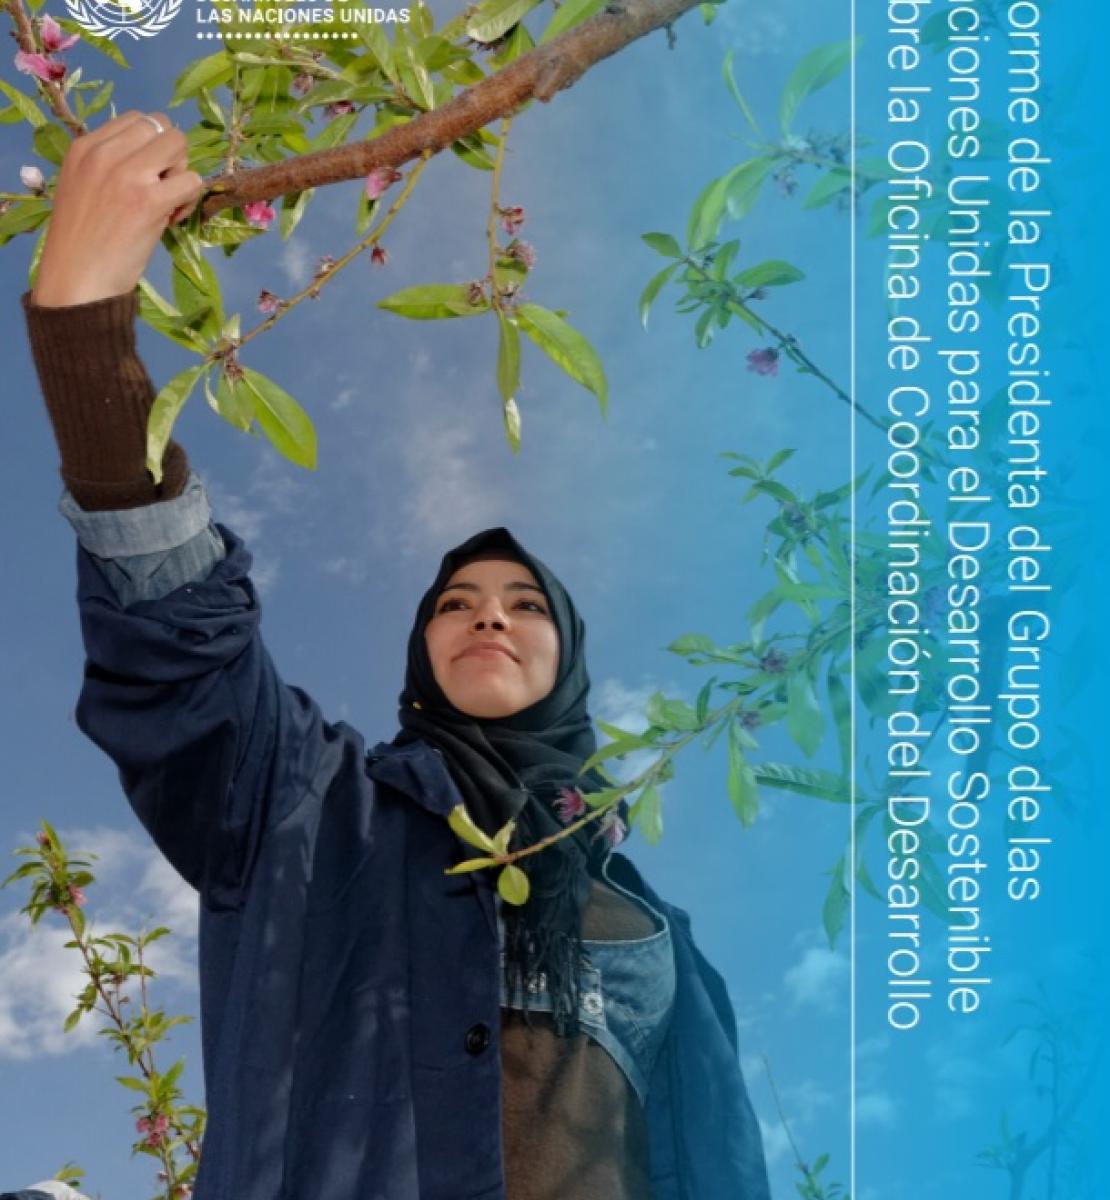 Portada del Informe 2021 de la Presidencia del Grupo de las Naciones Unidas para el Desarrollo Sostenible sobre la Oficina de Coordinación del Desarrollo. Se muestra un plano contrapicado de una mujer recolectando frutos en un árbol, con un cielo azul despejado en el fondo.